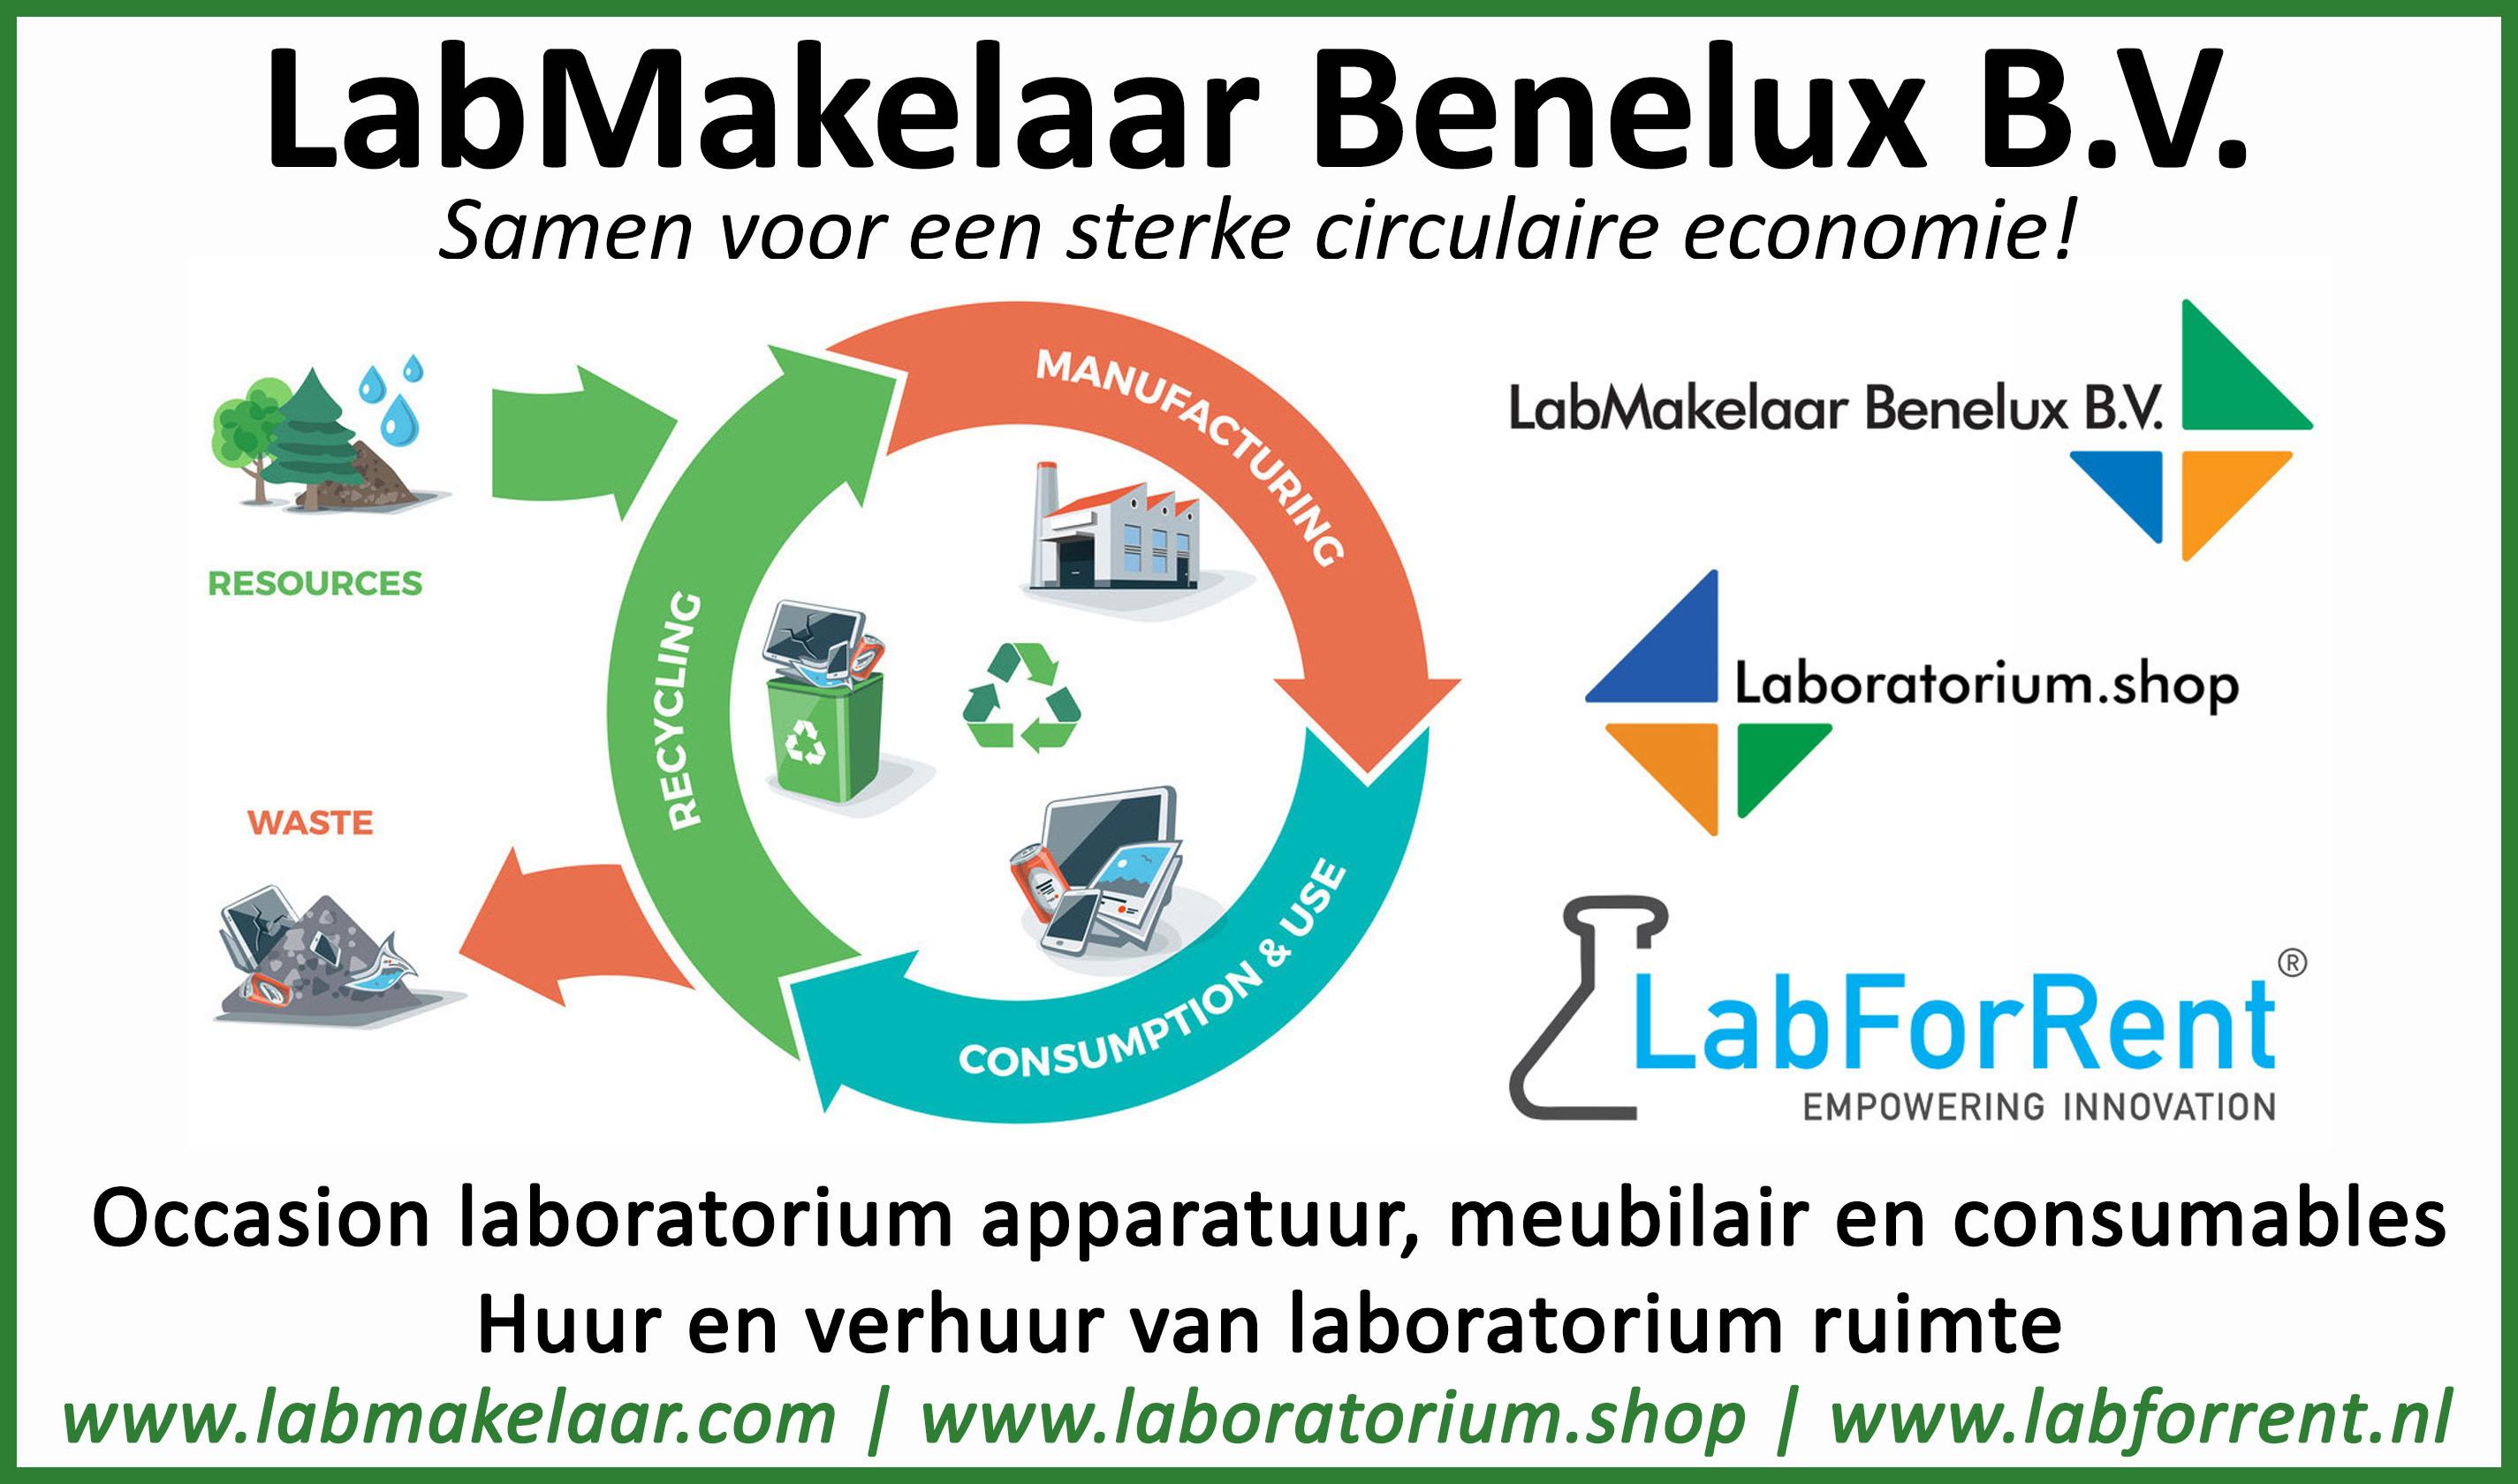 Huur uw laboratorium inrichting bij LabMakelaar